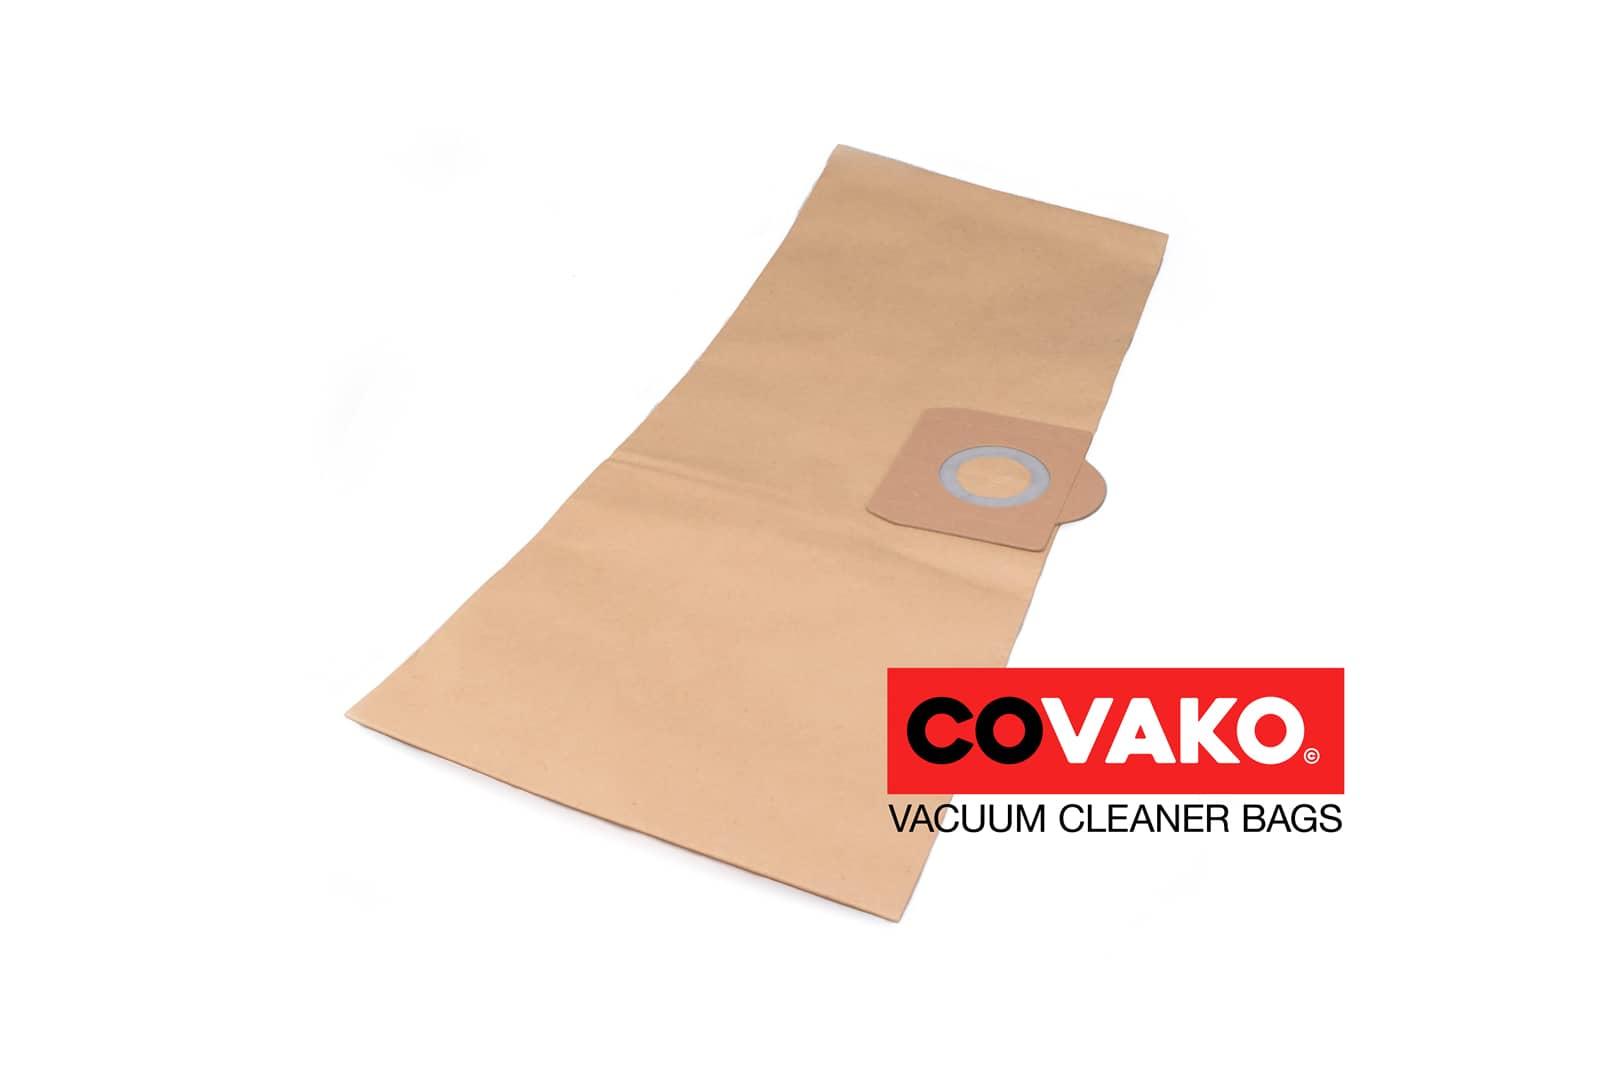 ewt Bonus / Paper - ewt vacuum cleaner bags